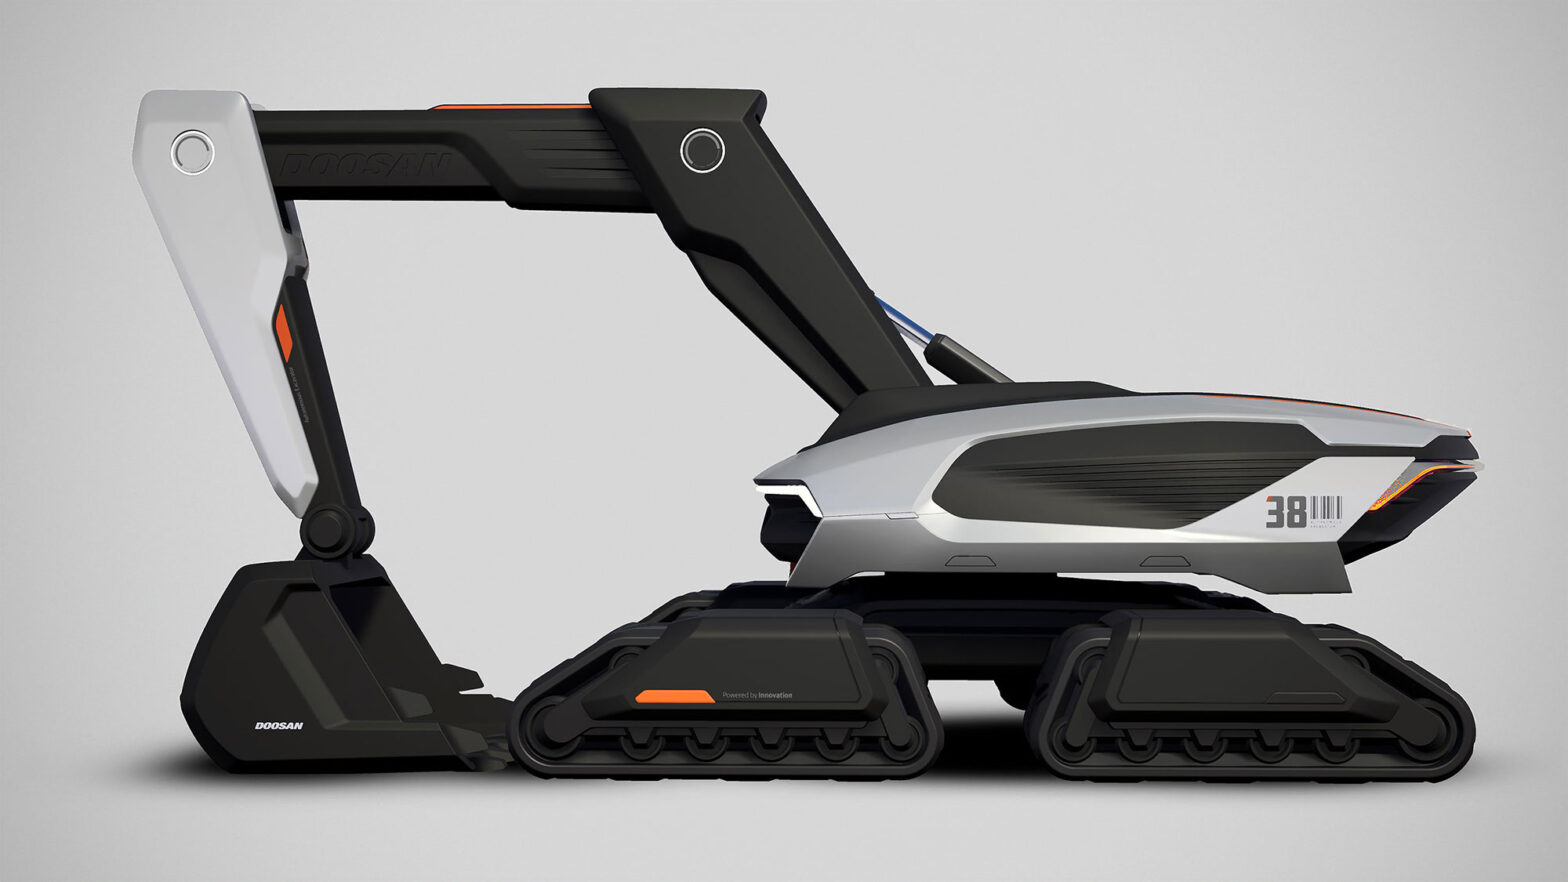 Concept-X Excavator by Doosan Infracore